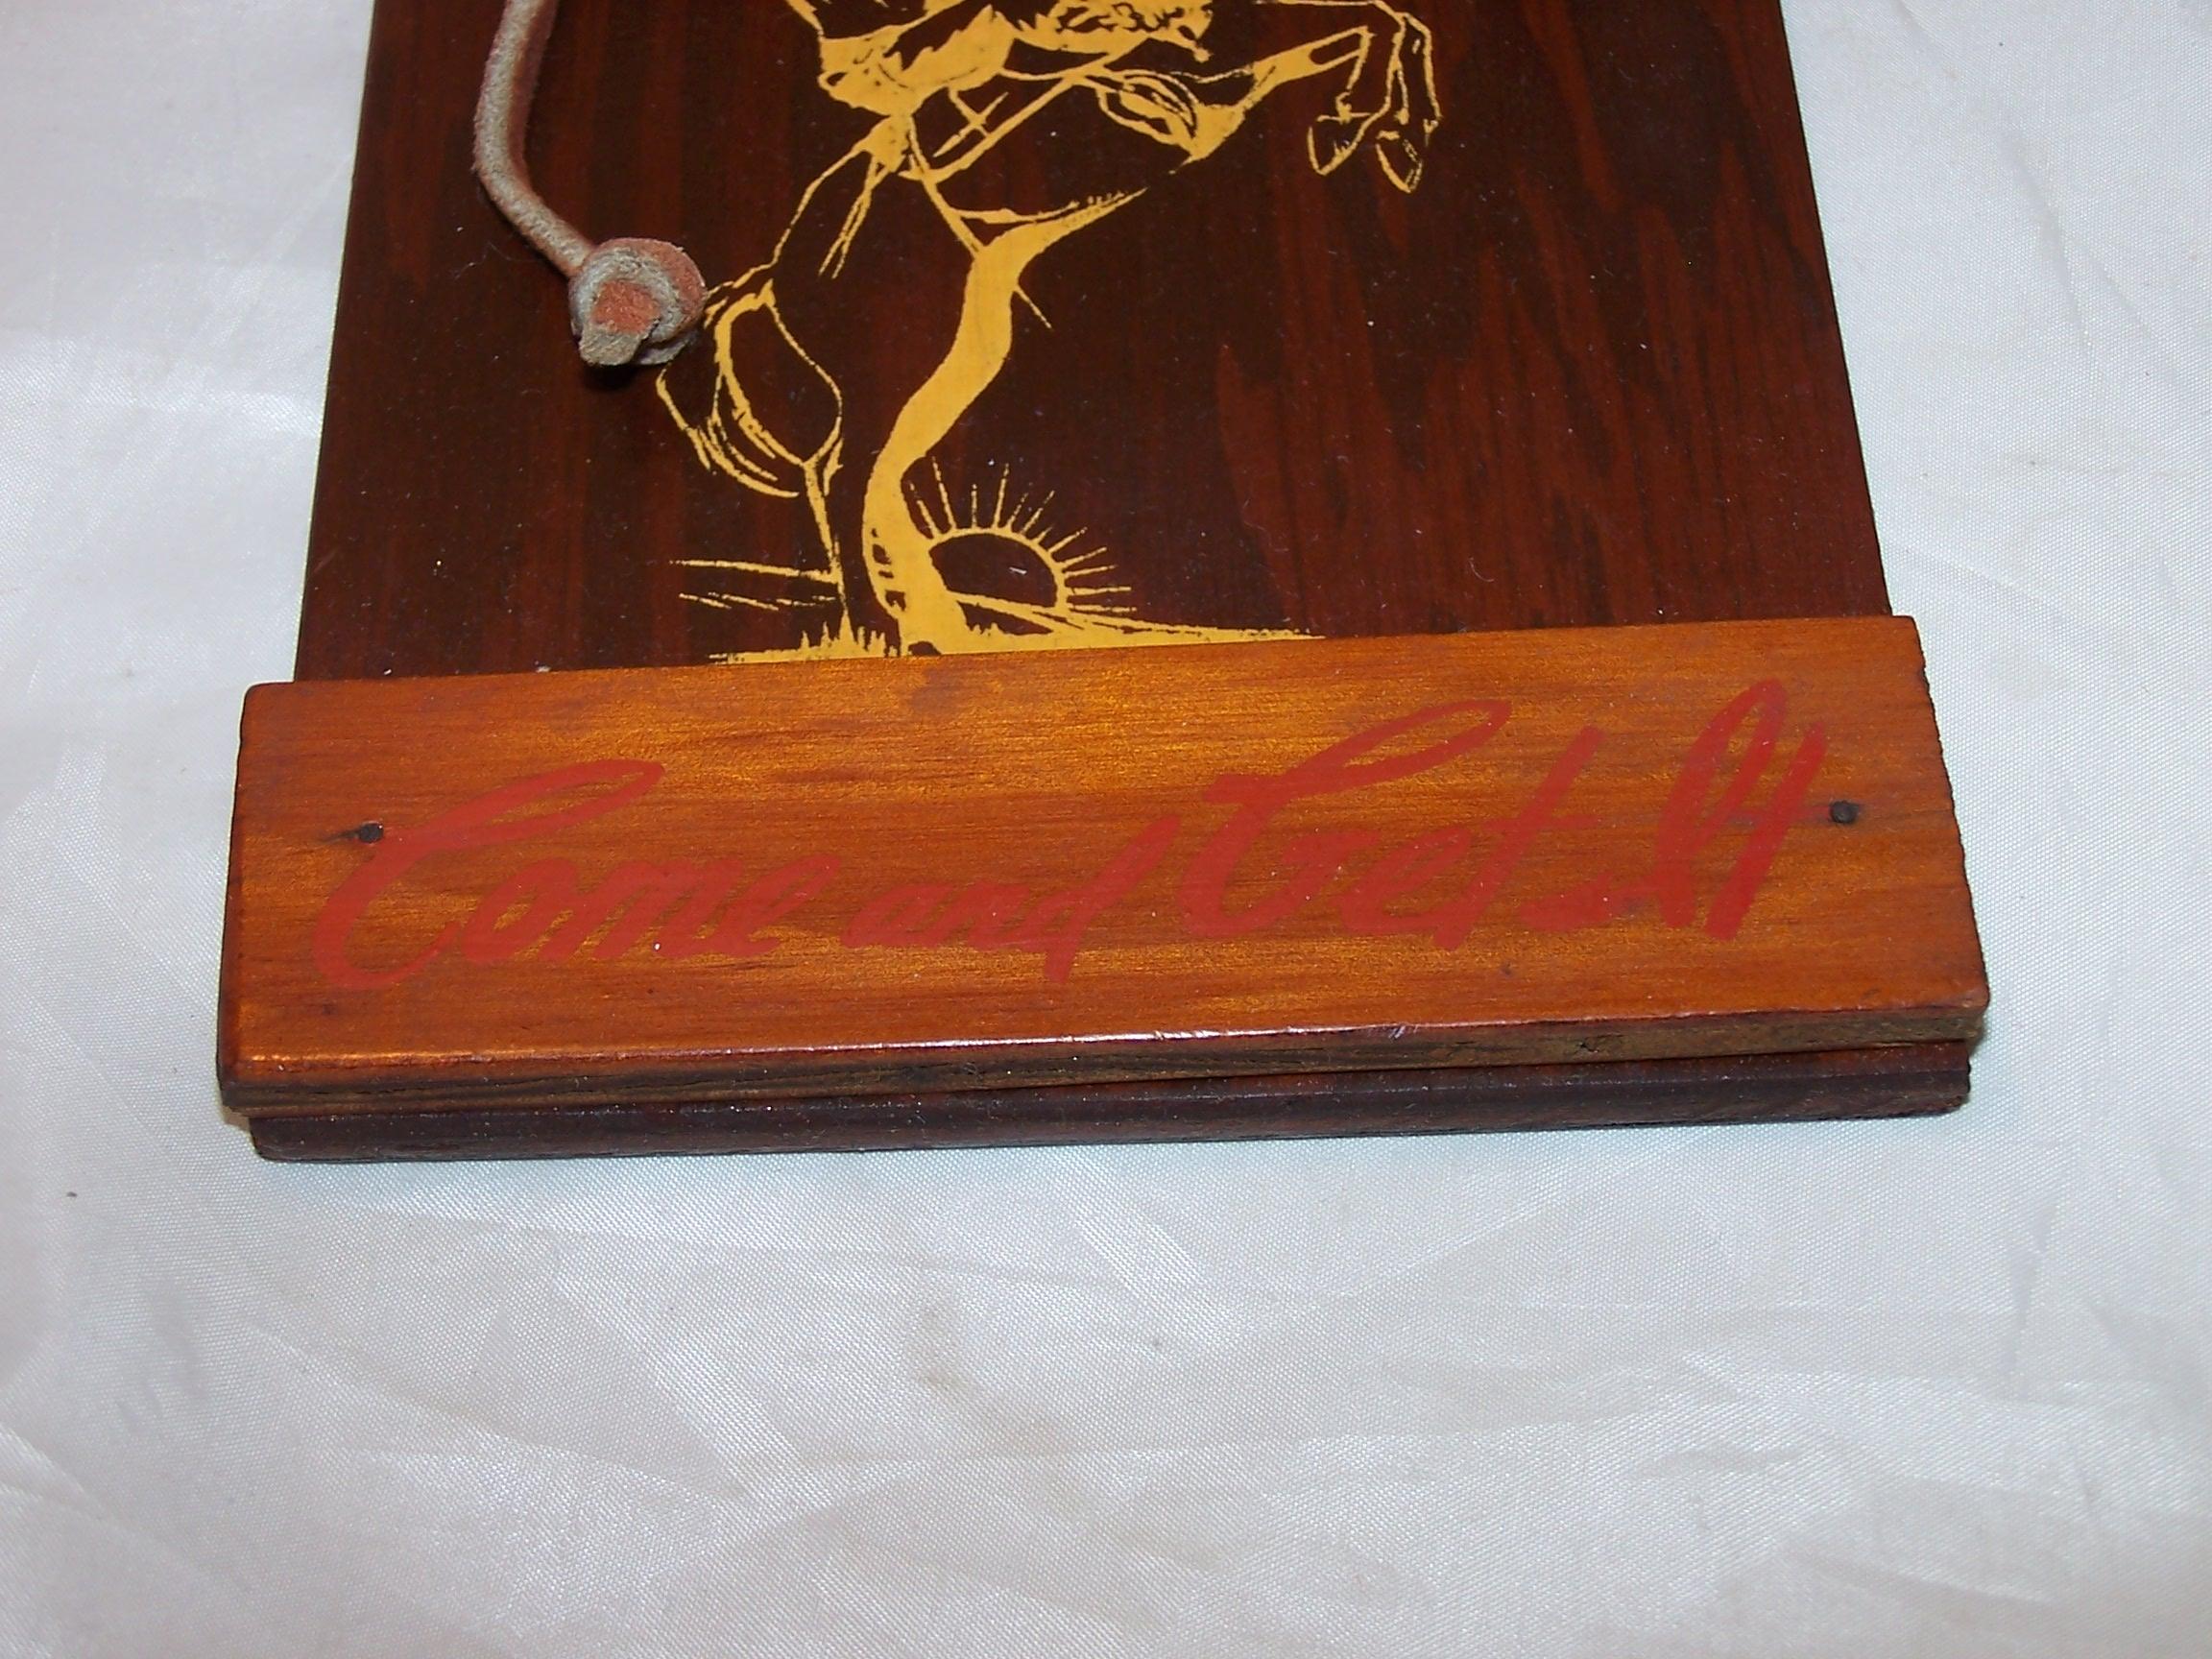 Image 2 of Cowboy Dinner Bell, Wood, Metal, Vintage